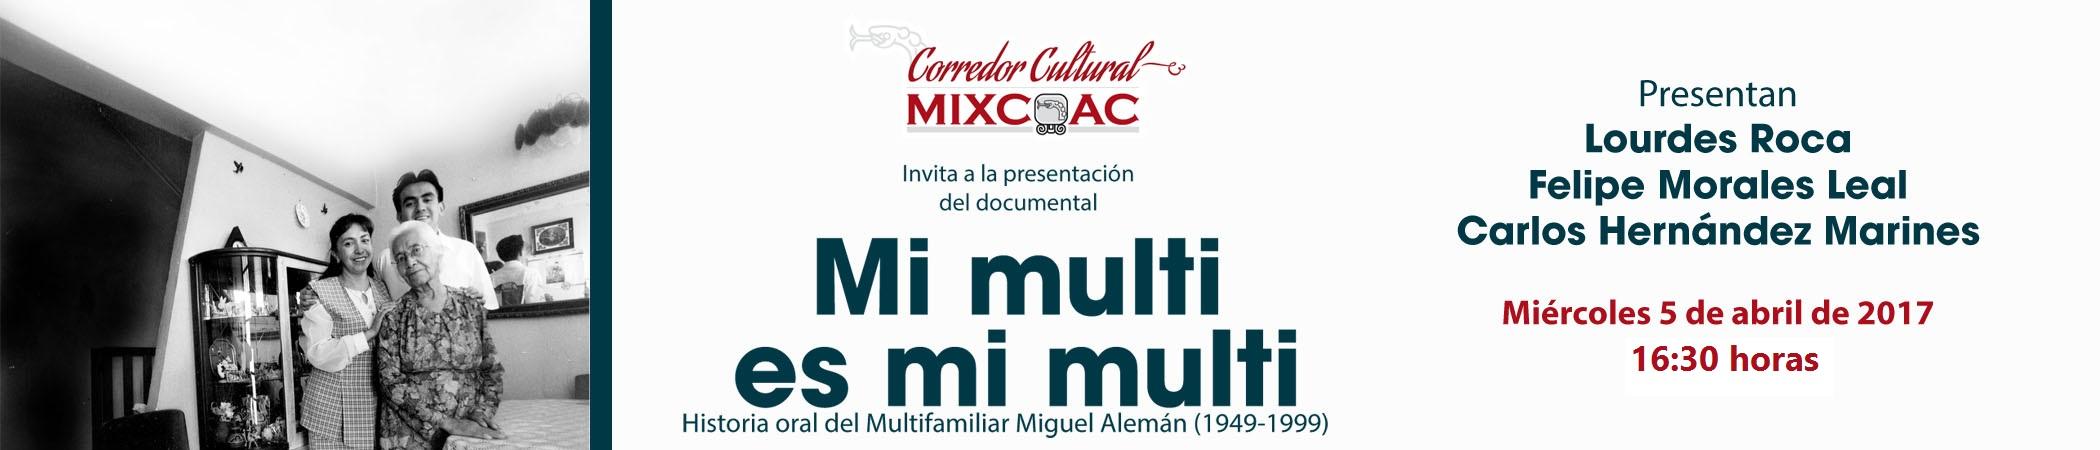 Presentación del documental Mi multi es mi multi